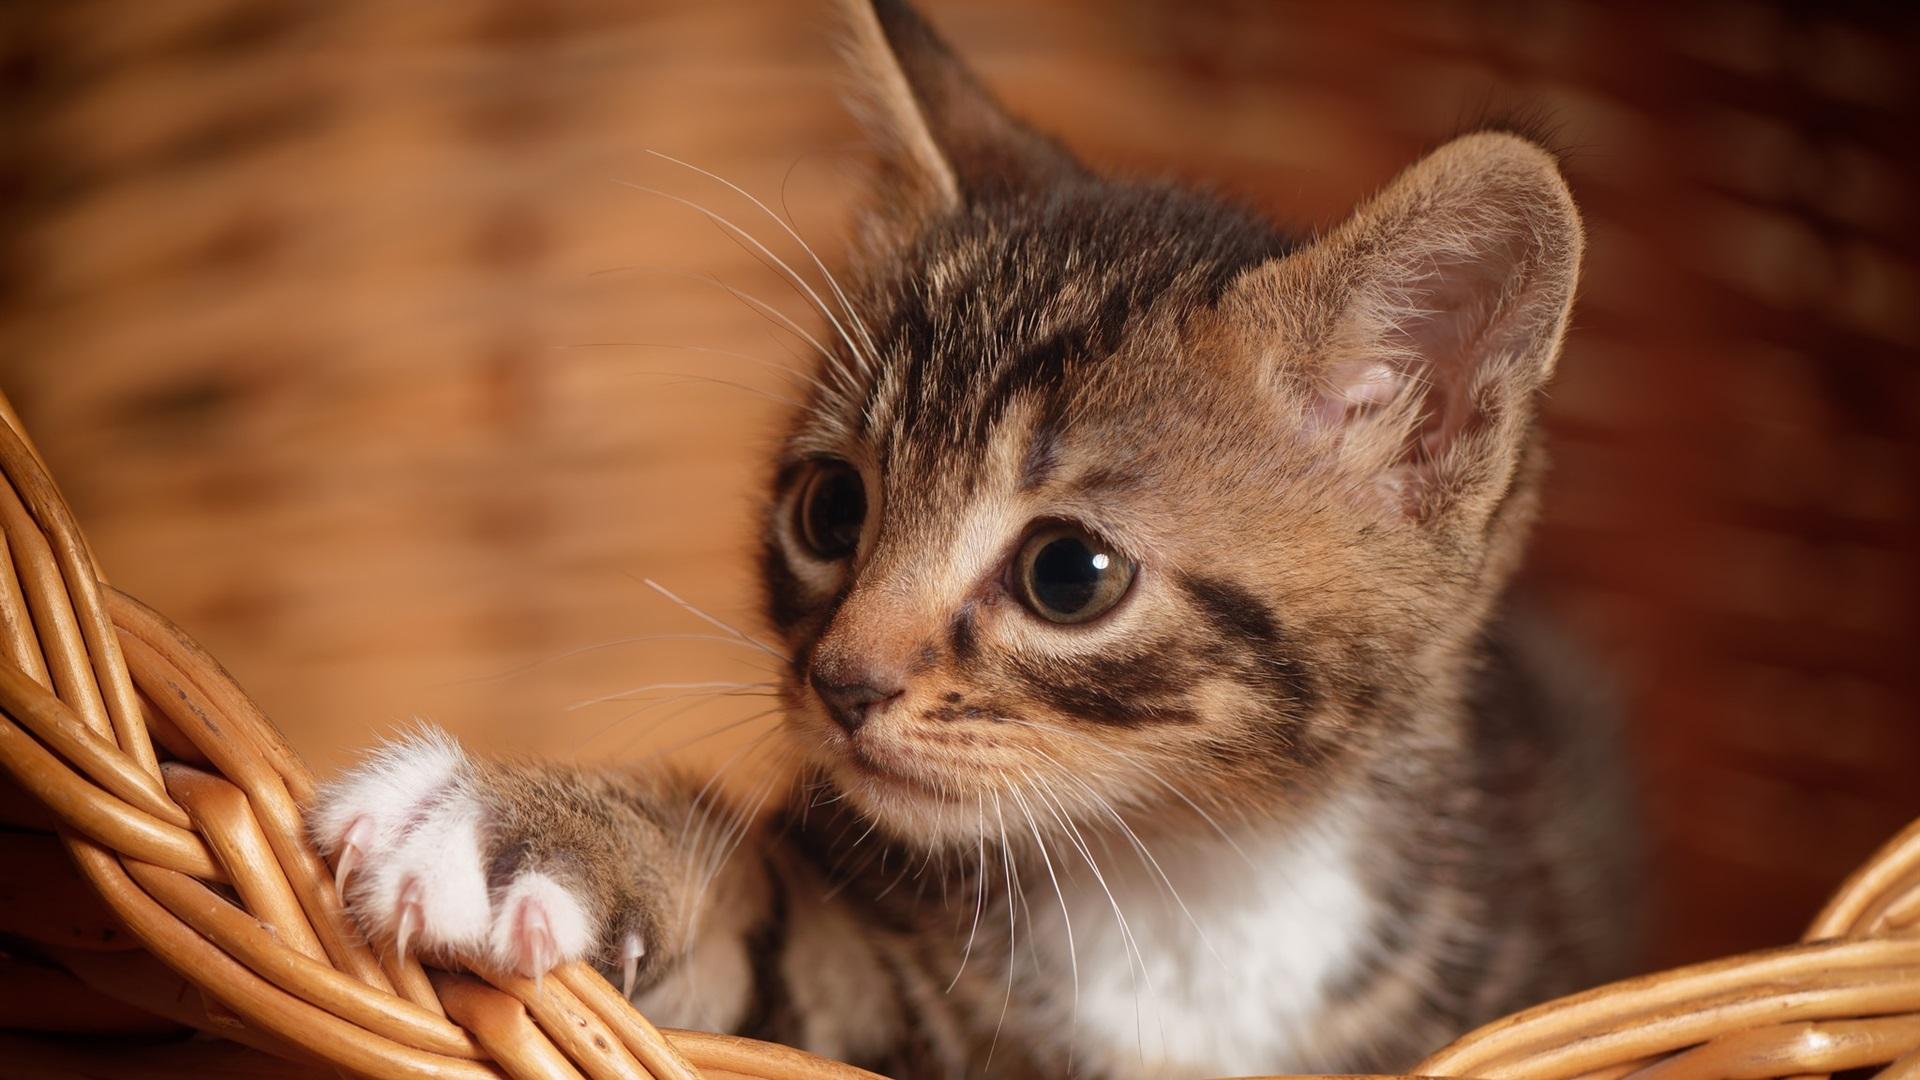 动物与鸟 猫咪 可爱的小猫,爪子,篮子 壁纸  下载 1920x1080 全高清